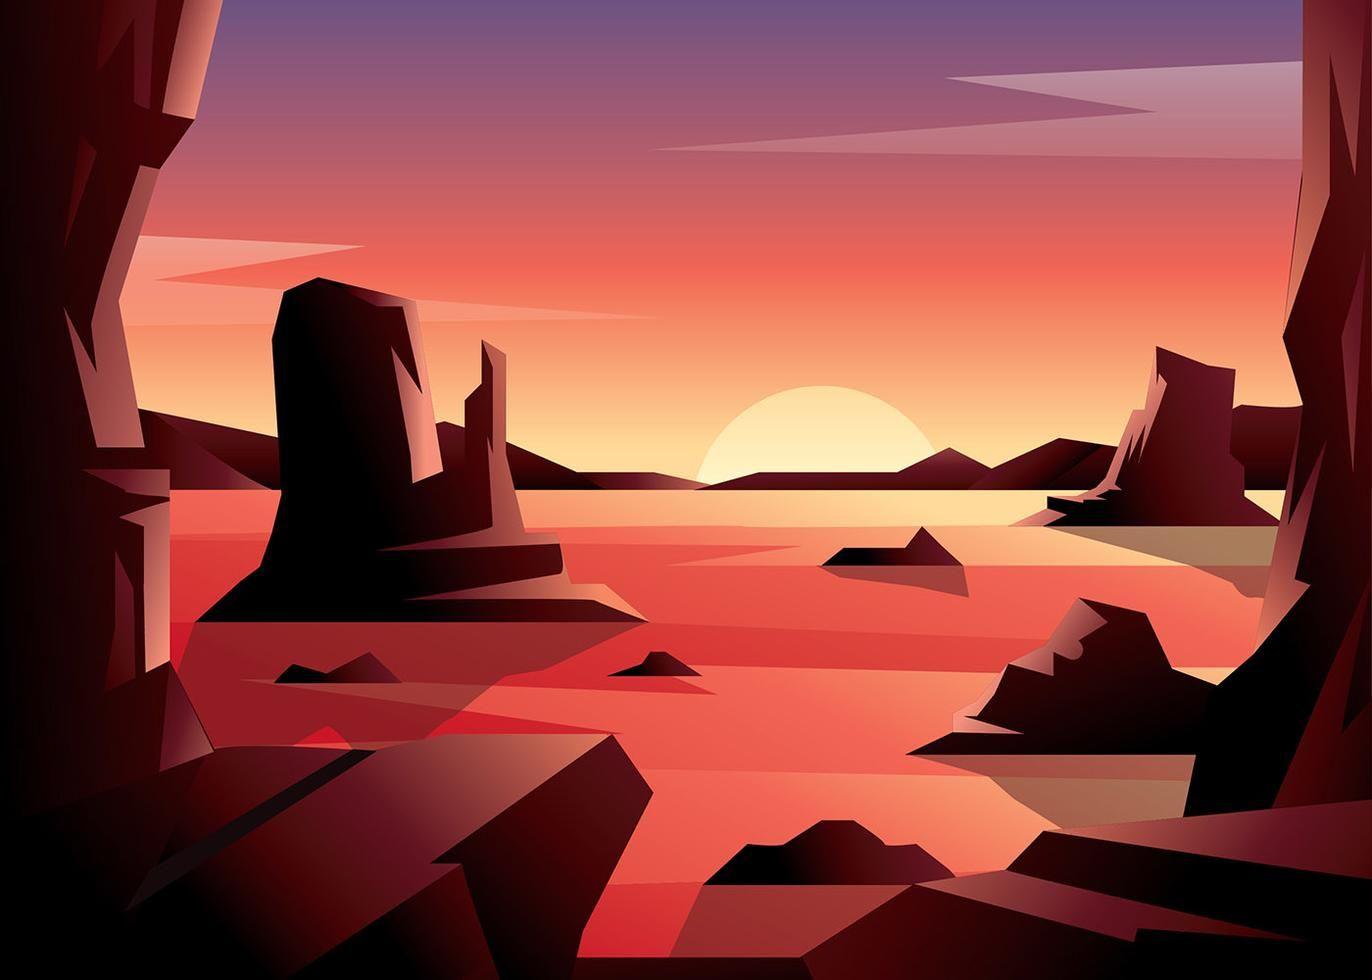 Sunset Desert Vector in 2019.